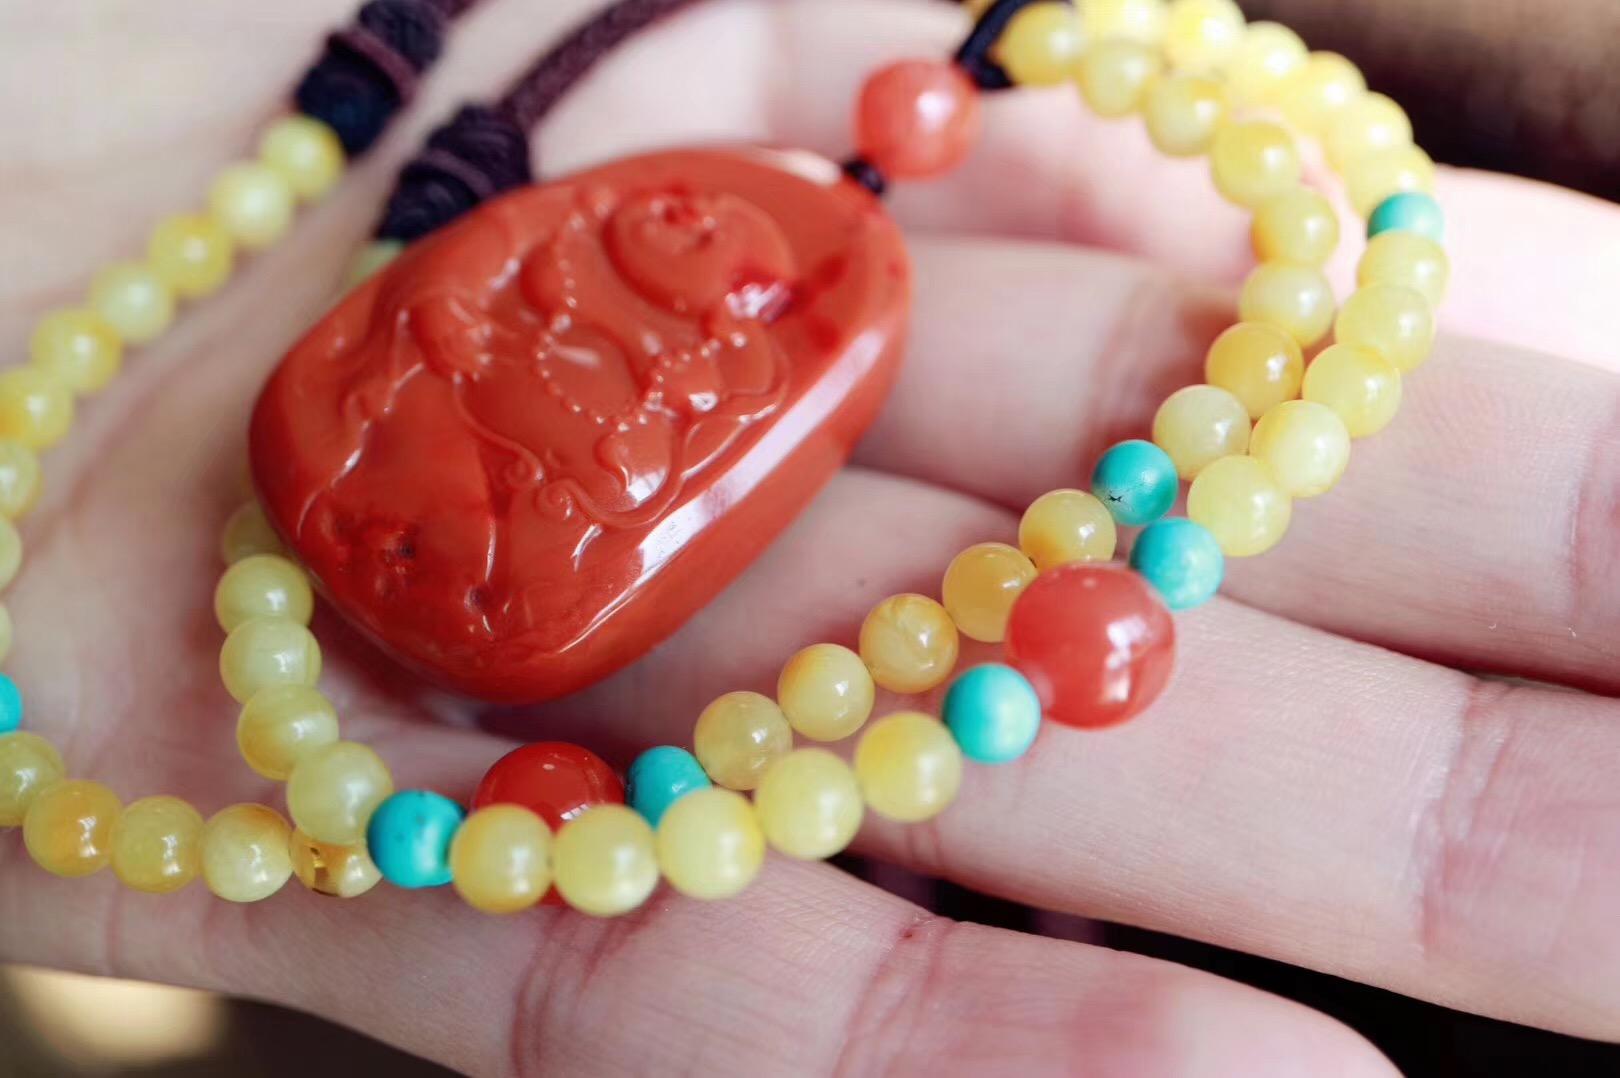 【菩心南红 | 蜜蜡】年底了上新一款红润欢喜的弥勒佛,红红火火好运来-菩心晶舍